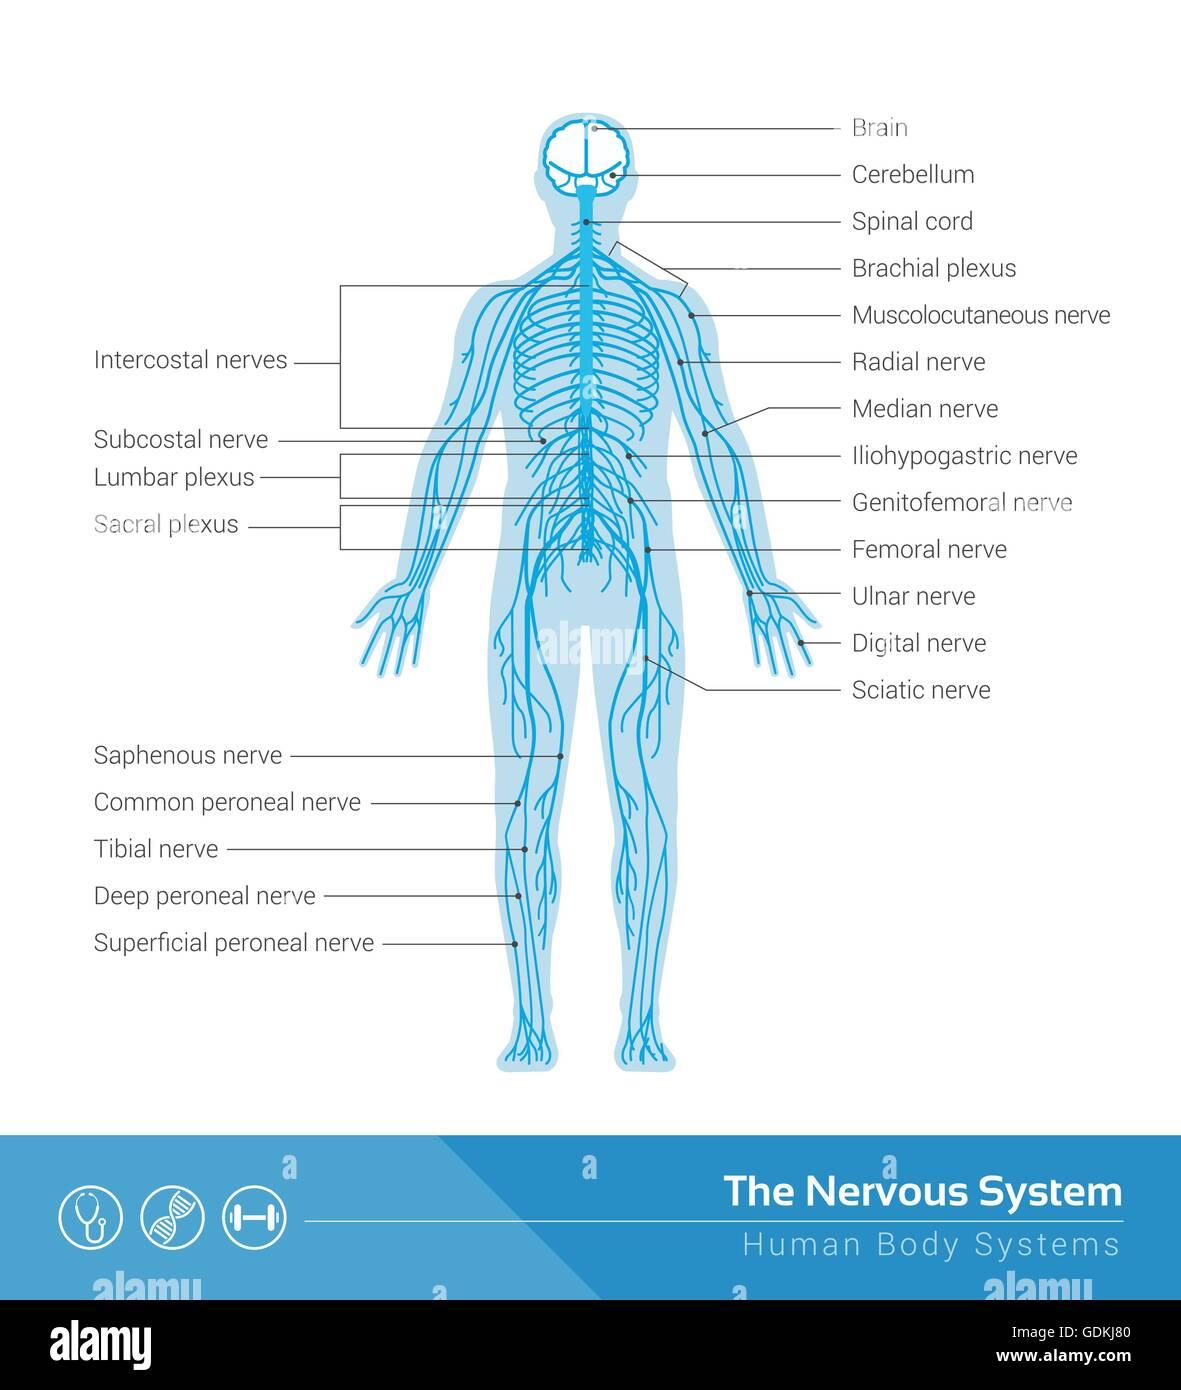 Human Nervous System Stock Photos Human Nervous System Stock